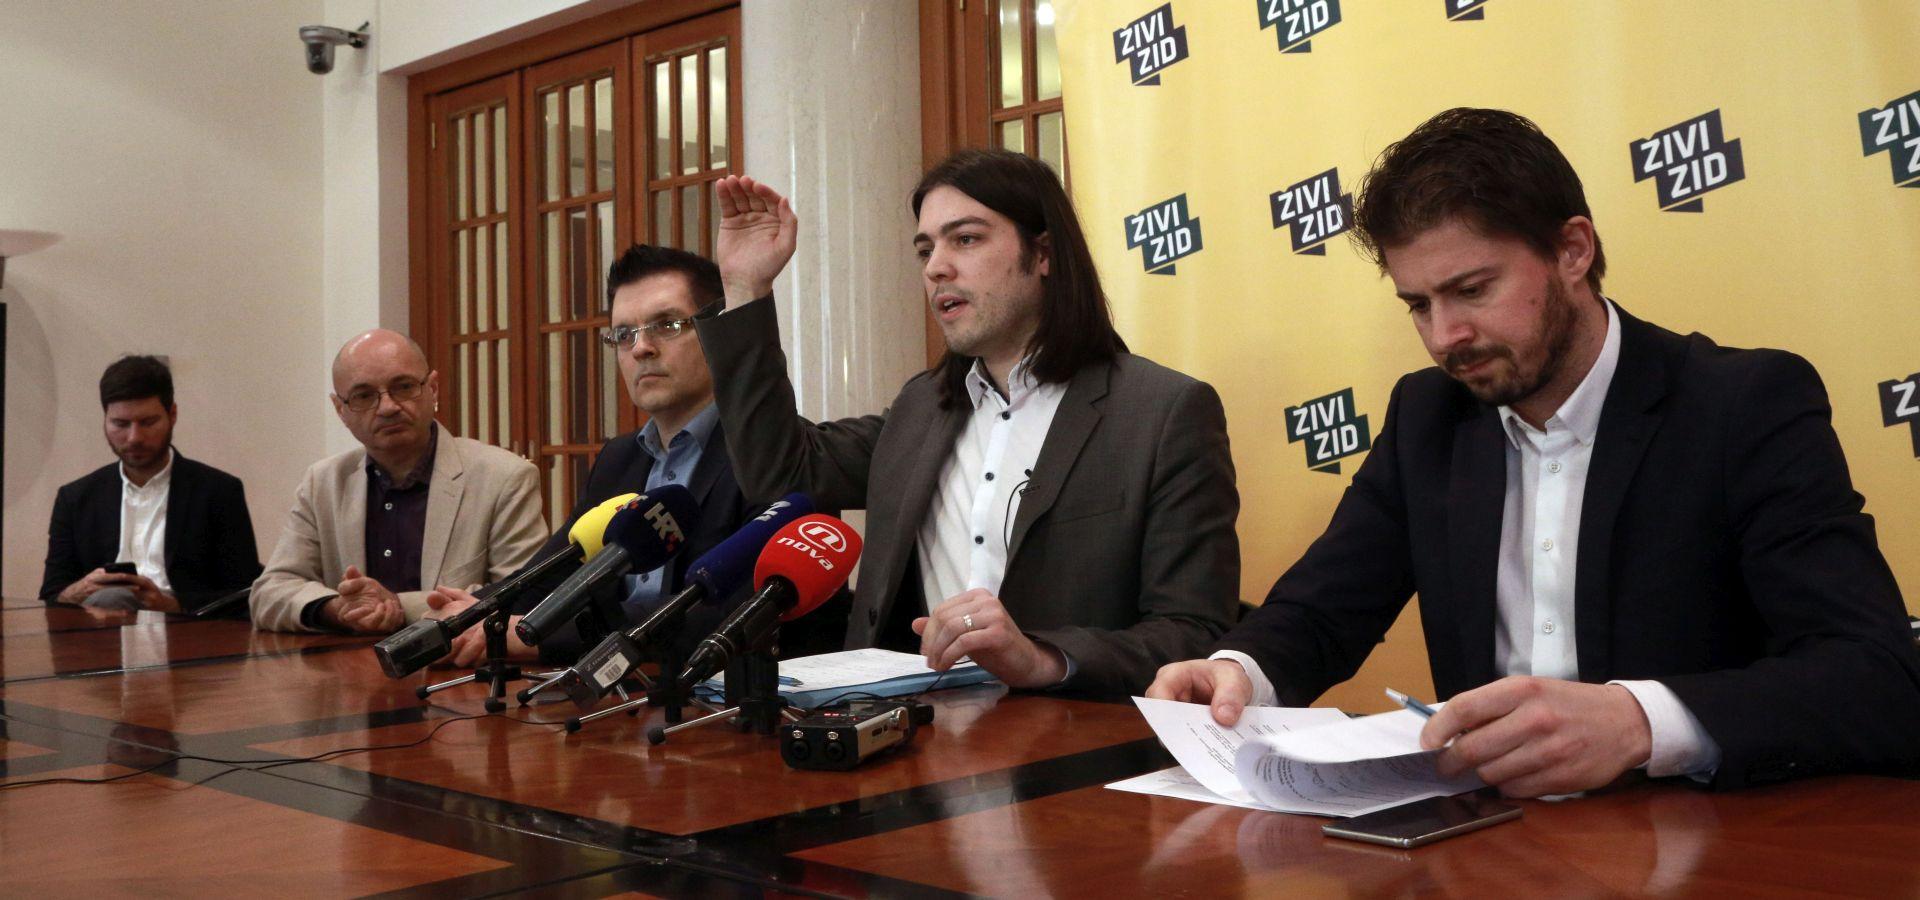 'Izmjenama Poslovnika žele likviditati Živi zid i Most'